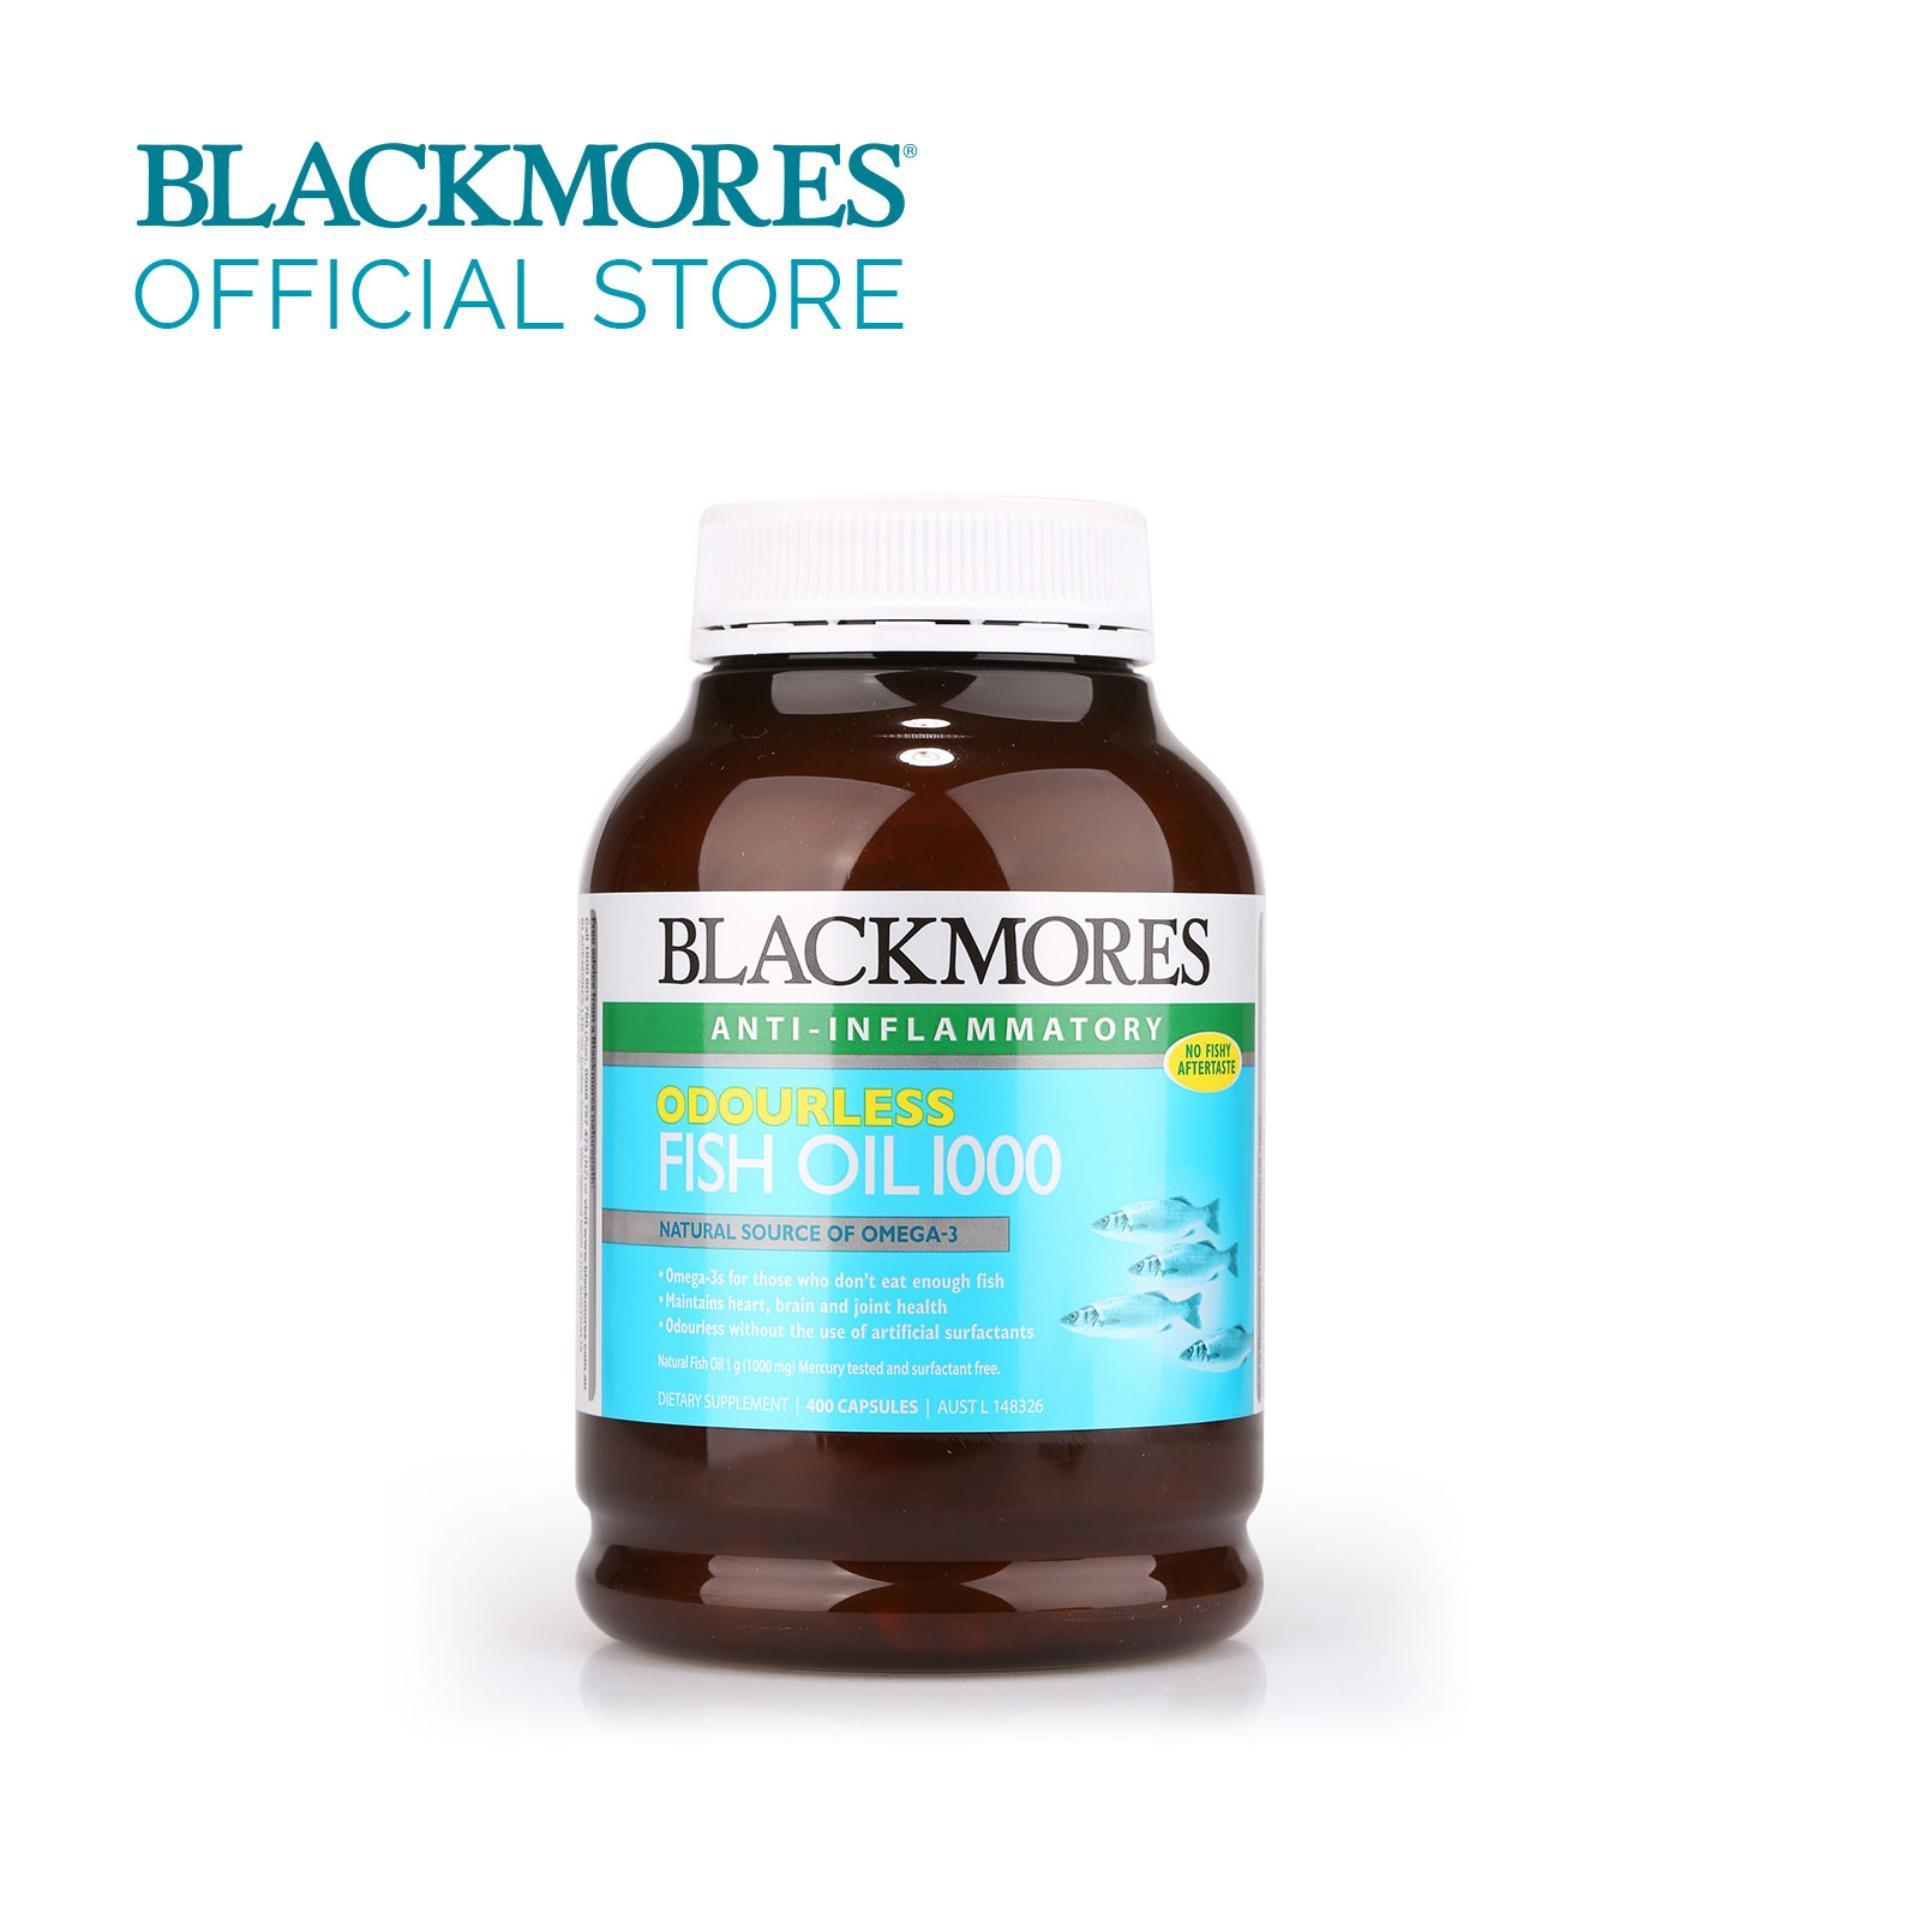 Herbs Of Gold Premium Fish Oil 1000 400 Capsules Daftar Harga Minyak Ikan Blackmores Omega 3 Black Mores Isi Odourless 400caps